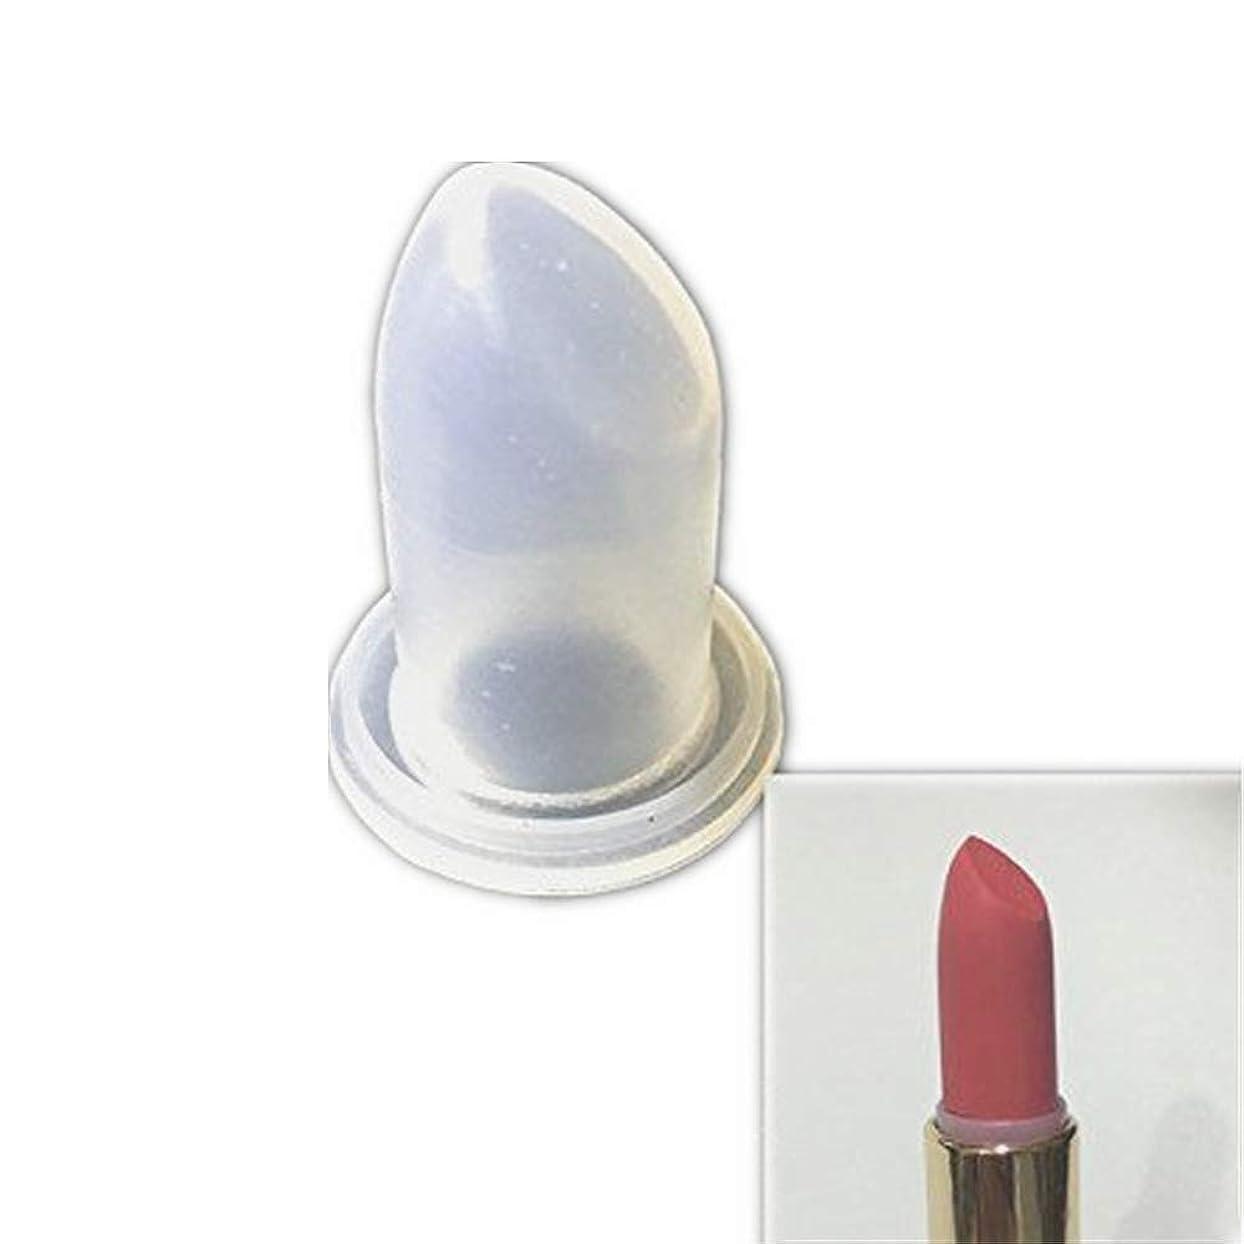 生まれ破産ドリンクBAOSHISHANリップスティック 手作り リップバーム 模具口紅 モールド DIY工具 12.1mm